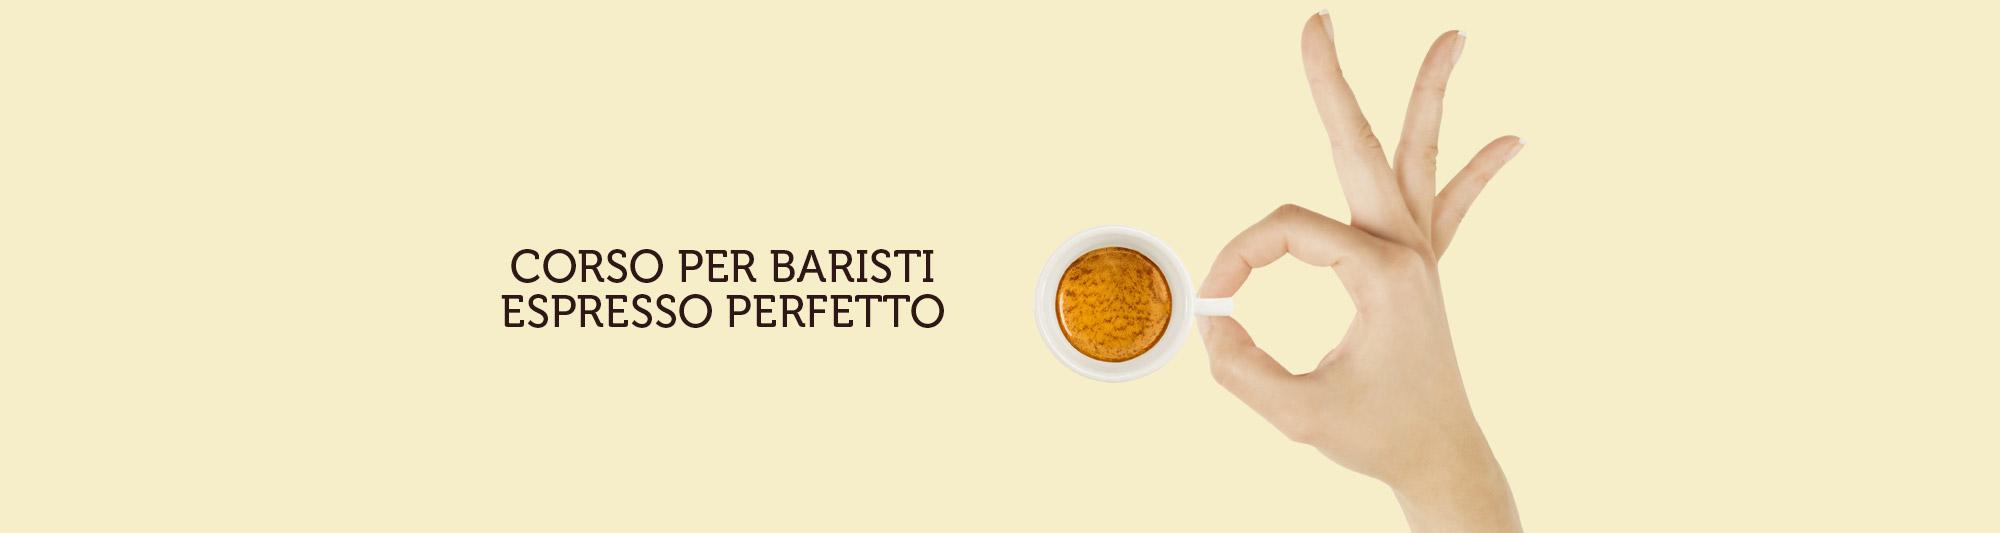 Corso Espresso perfetto